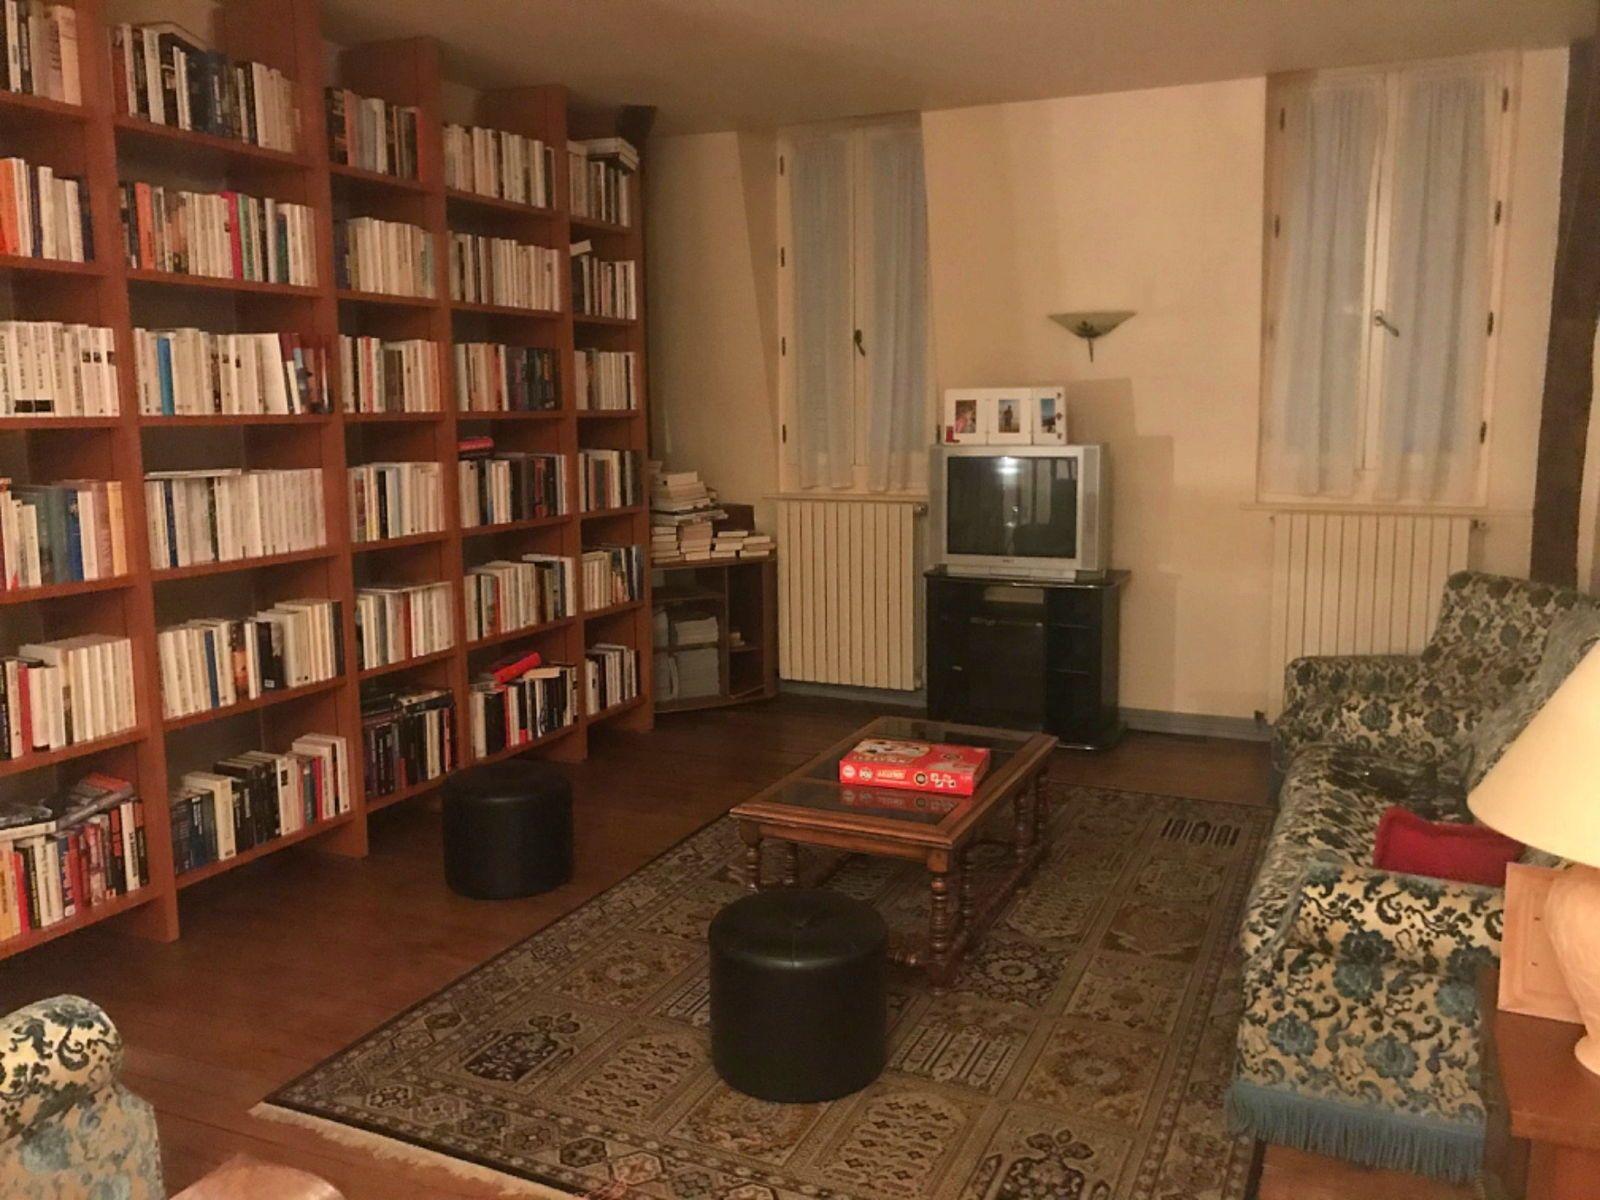 Loue chambre chez l'habitant Sablé sur sarthe - 1chambre, 12m²